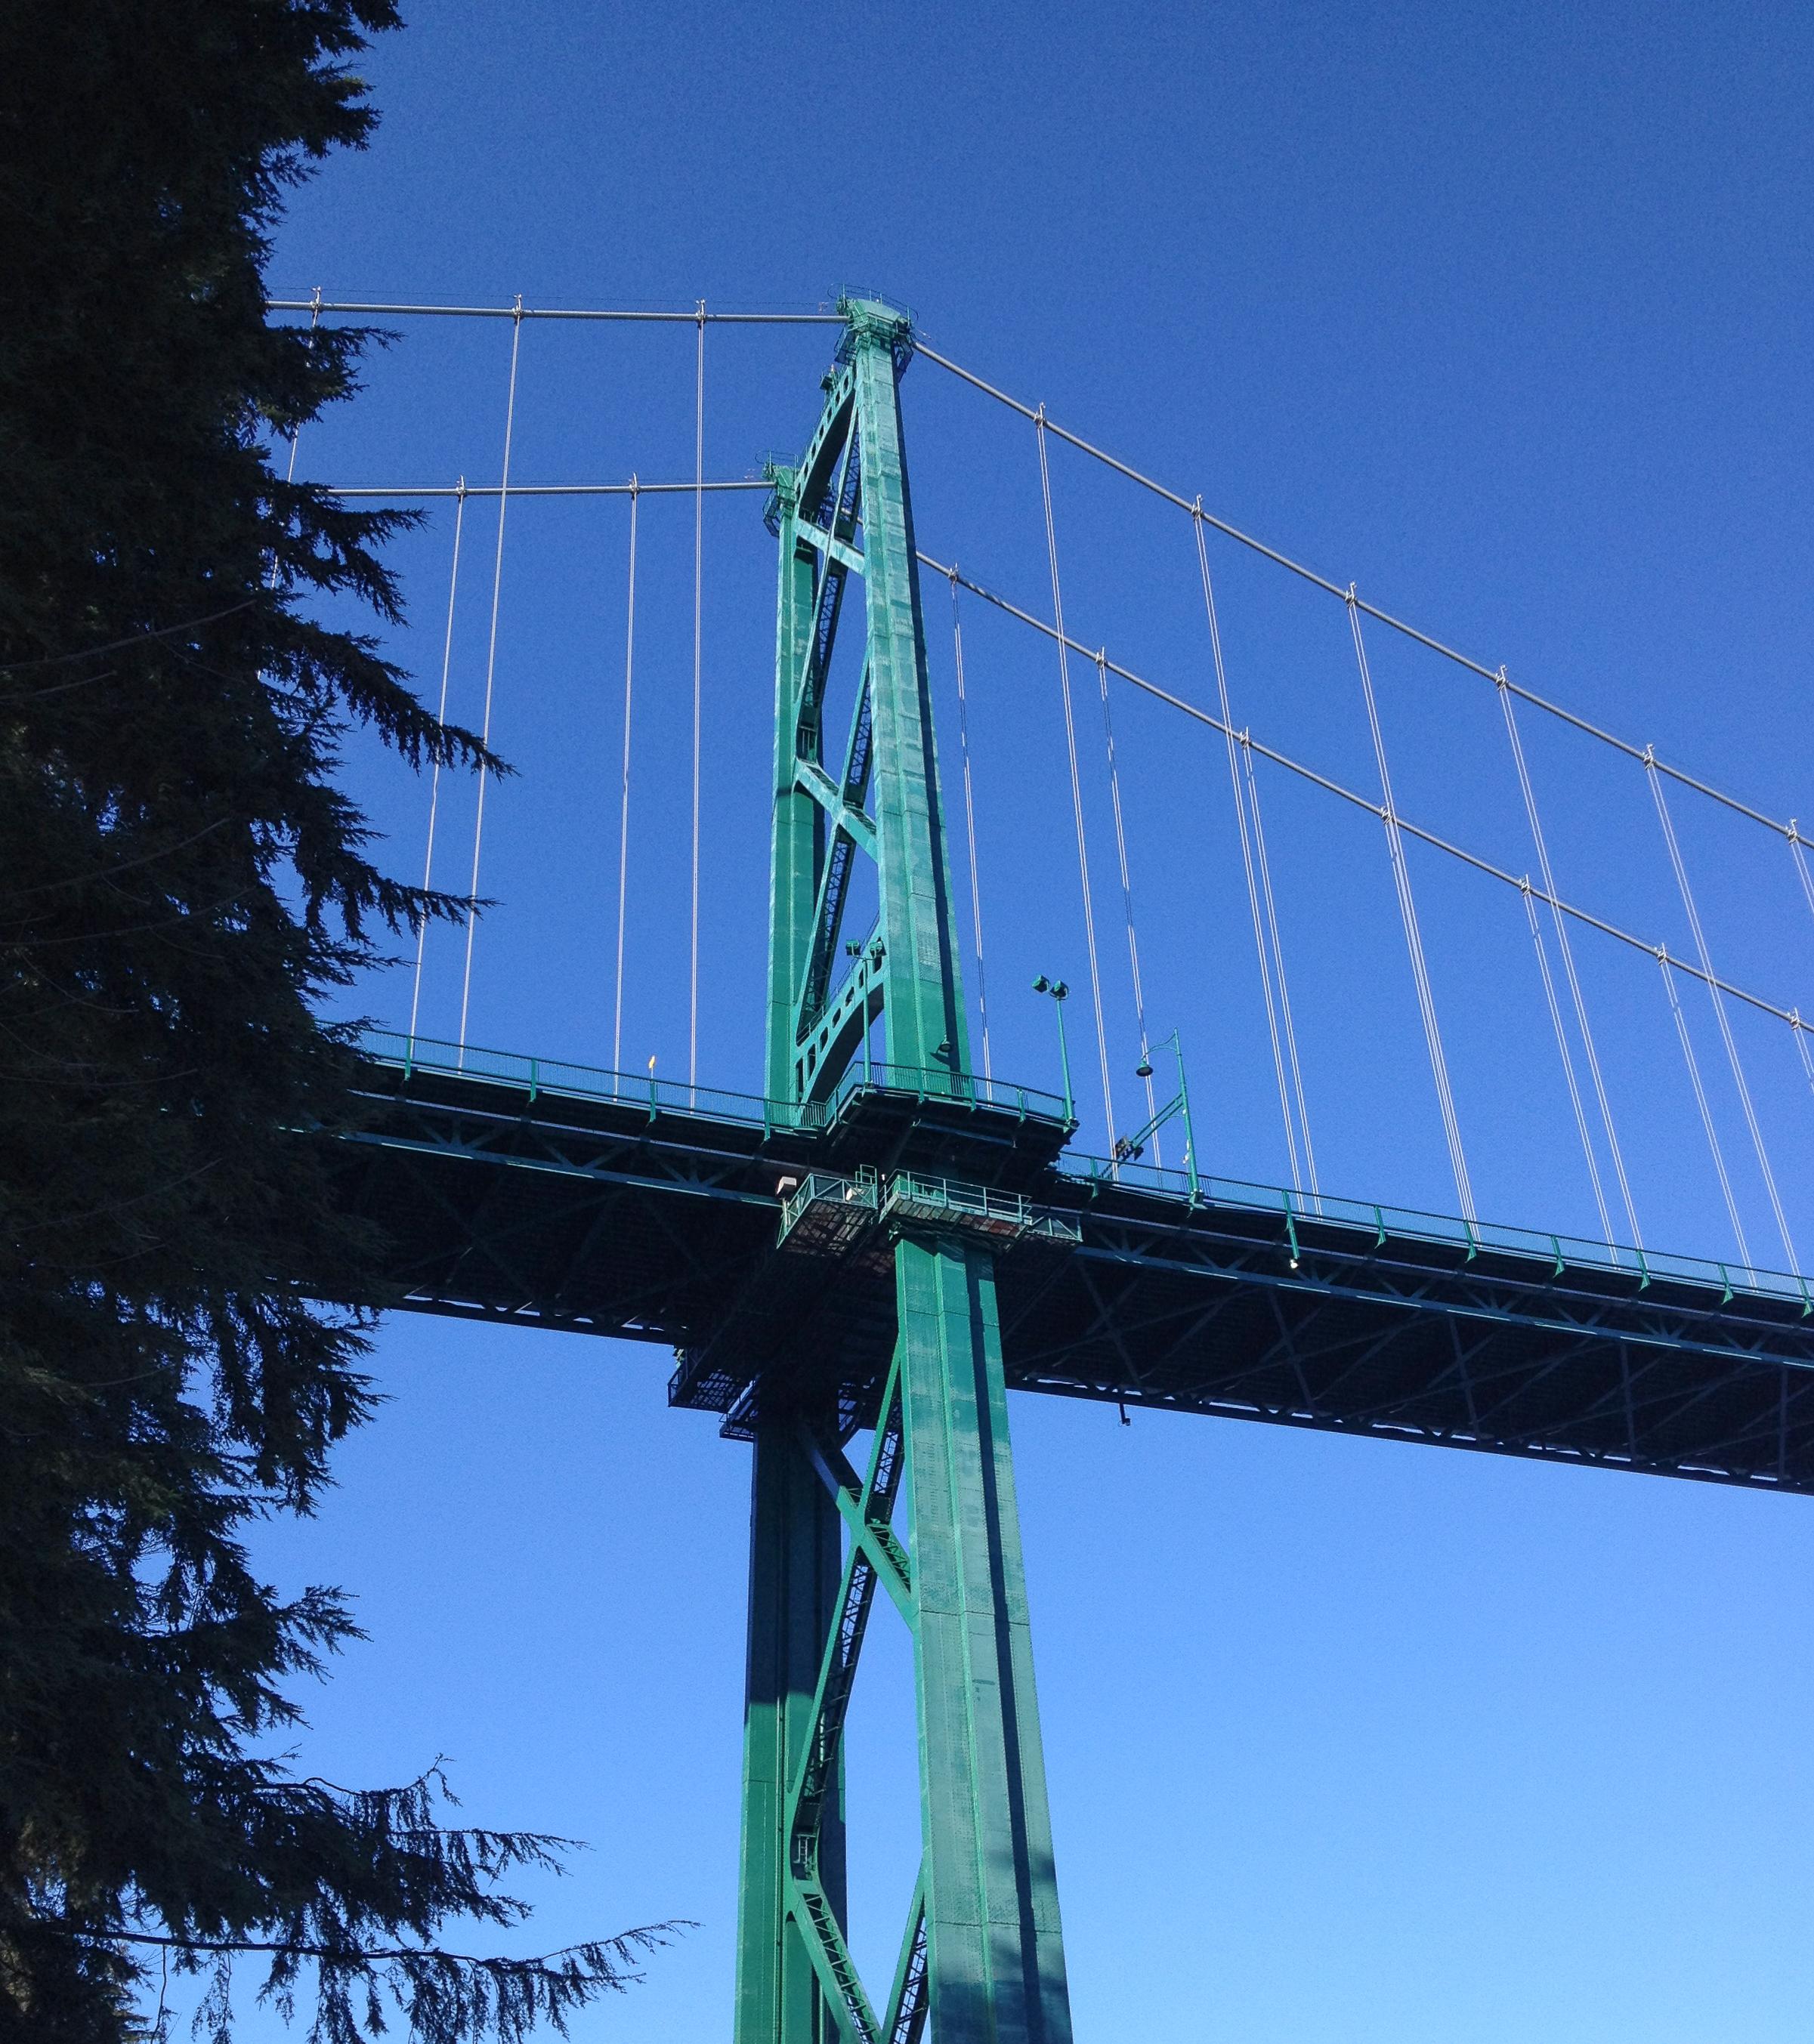 lions gate bridge stanley park city guide hello getaway